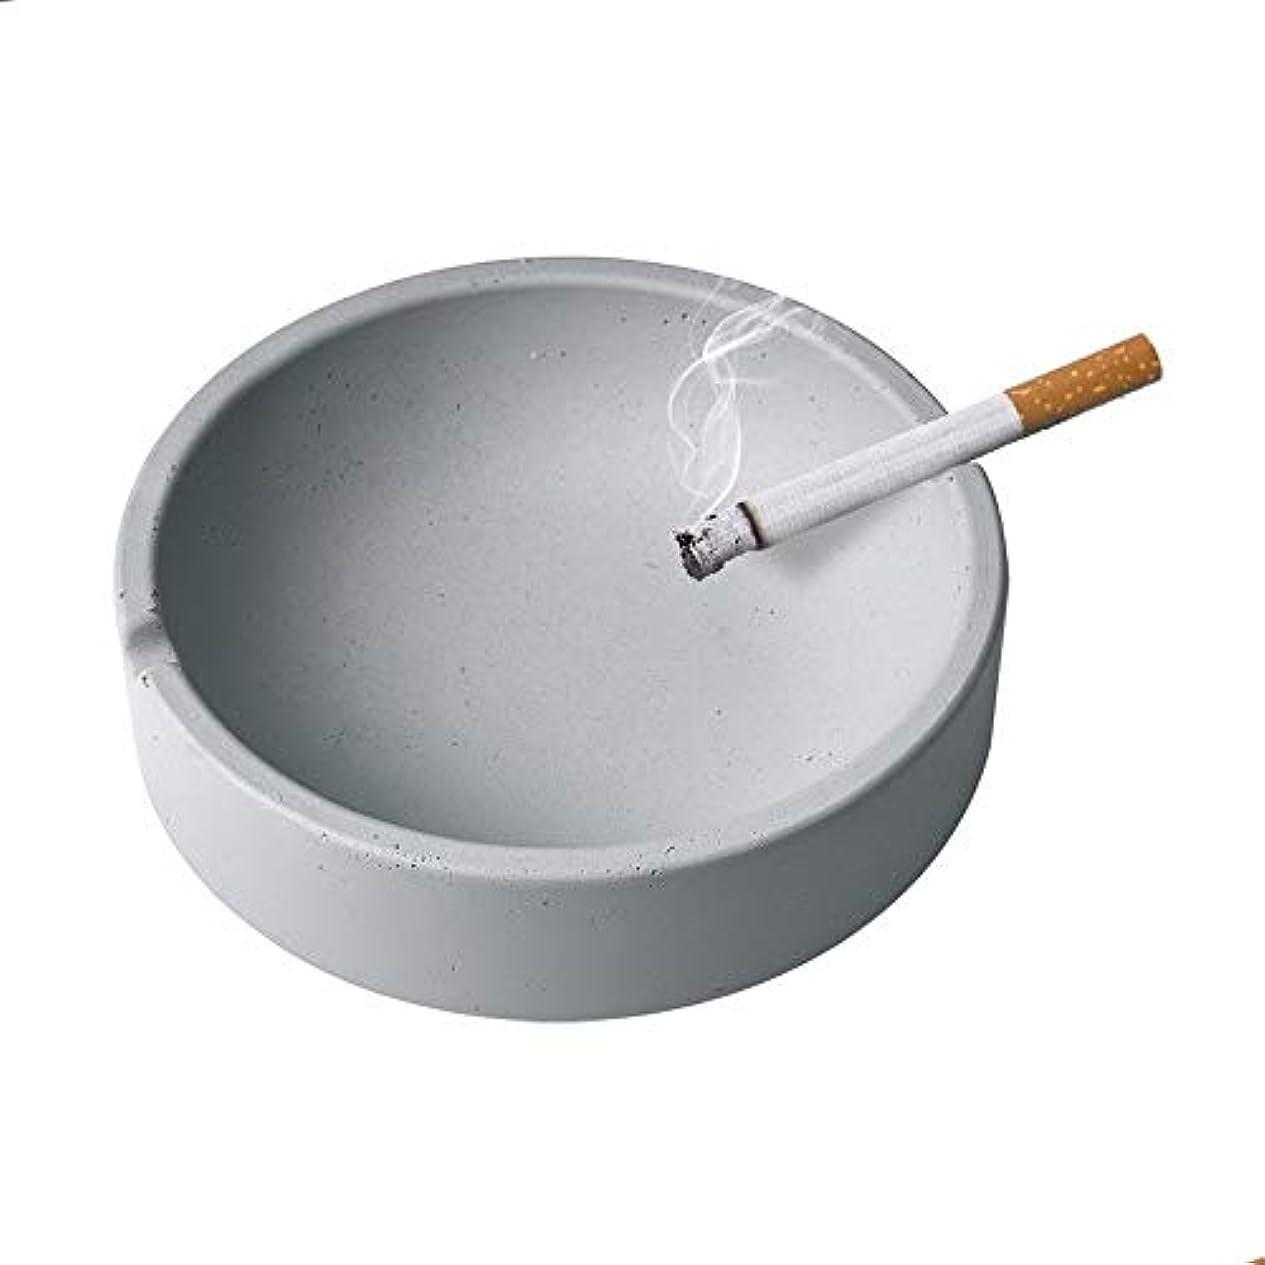 バブル航空地元屋内または屋外での使用のためのタバコの灰皿、喫煙者のための灰ホルダー、ホームオフィスの装飾のためのデスクトップの喫煙灰皿